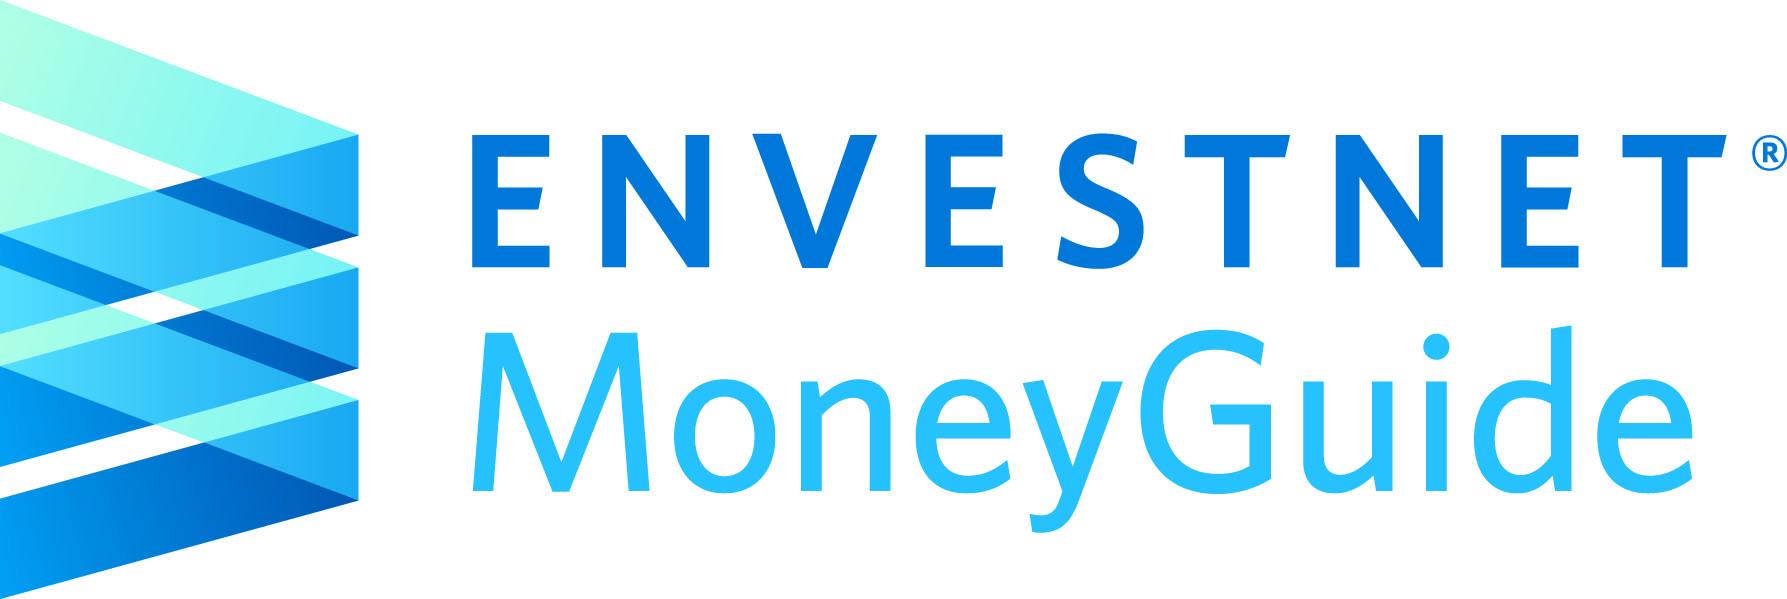 Envestnet - MoneyGuide ™